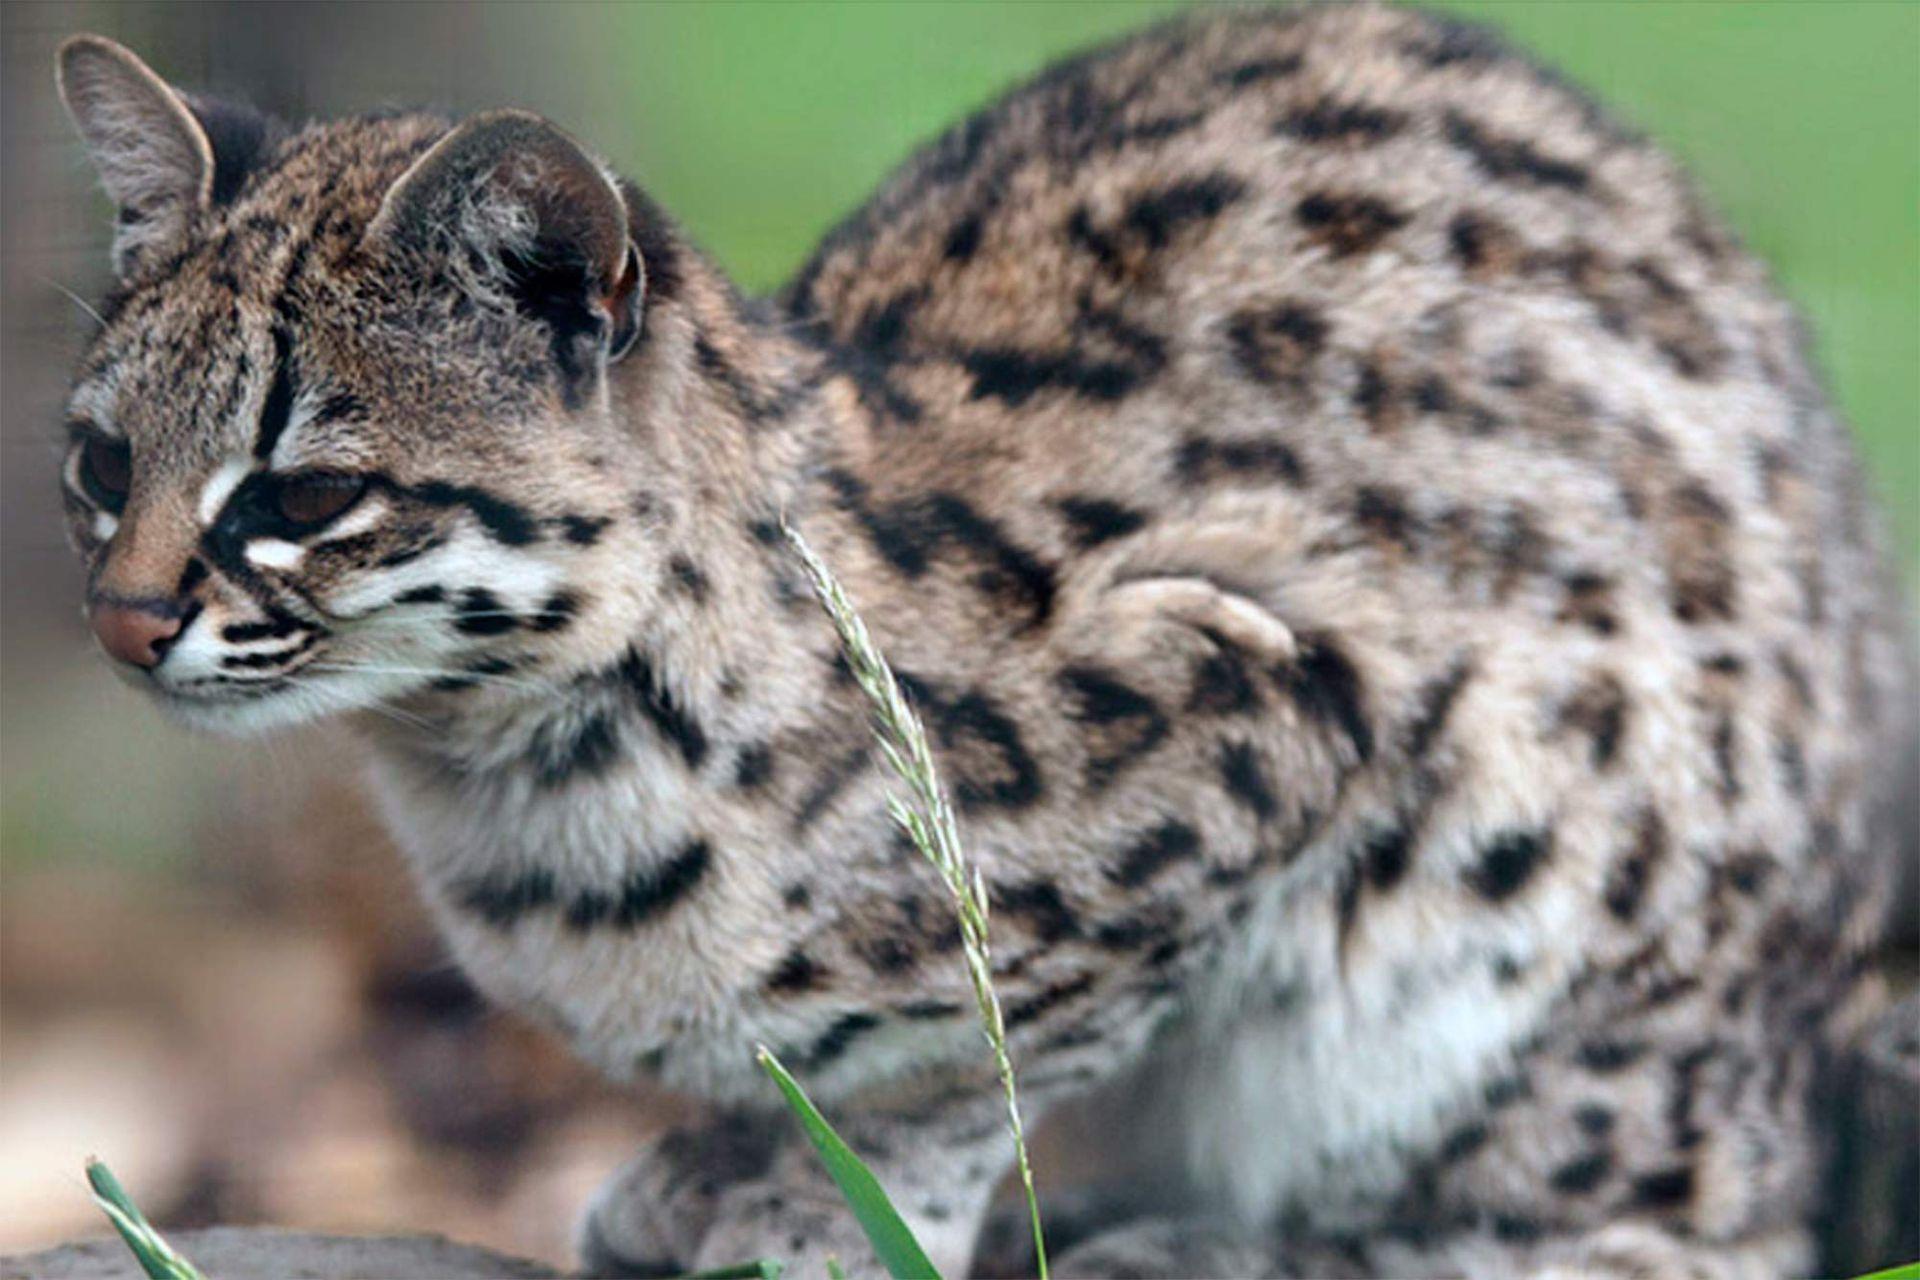 La contextura del cuerpo de la Tirica, su huella y su maullido pueden pasar por el de un gato doméstico.